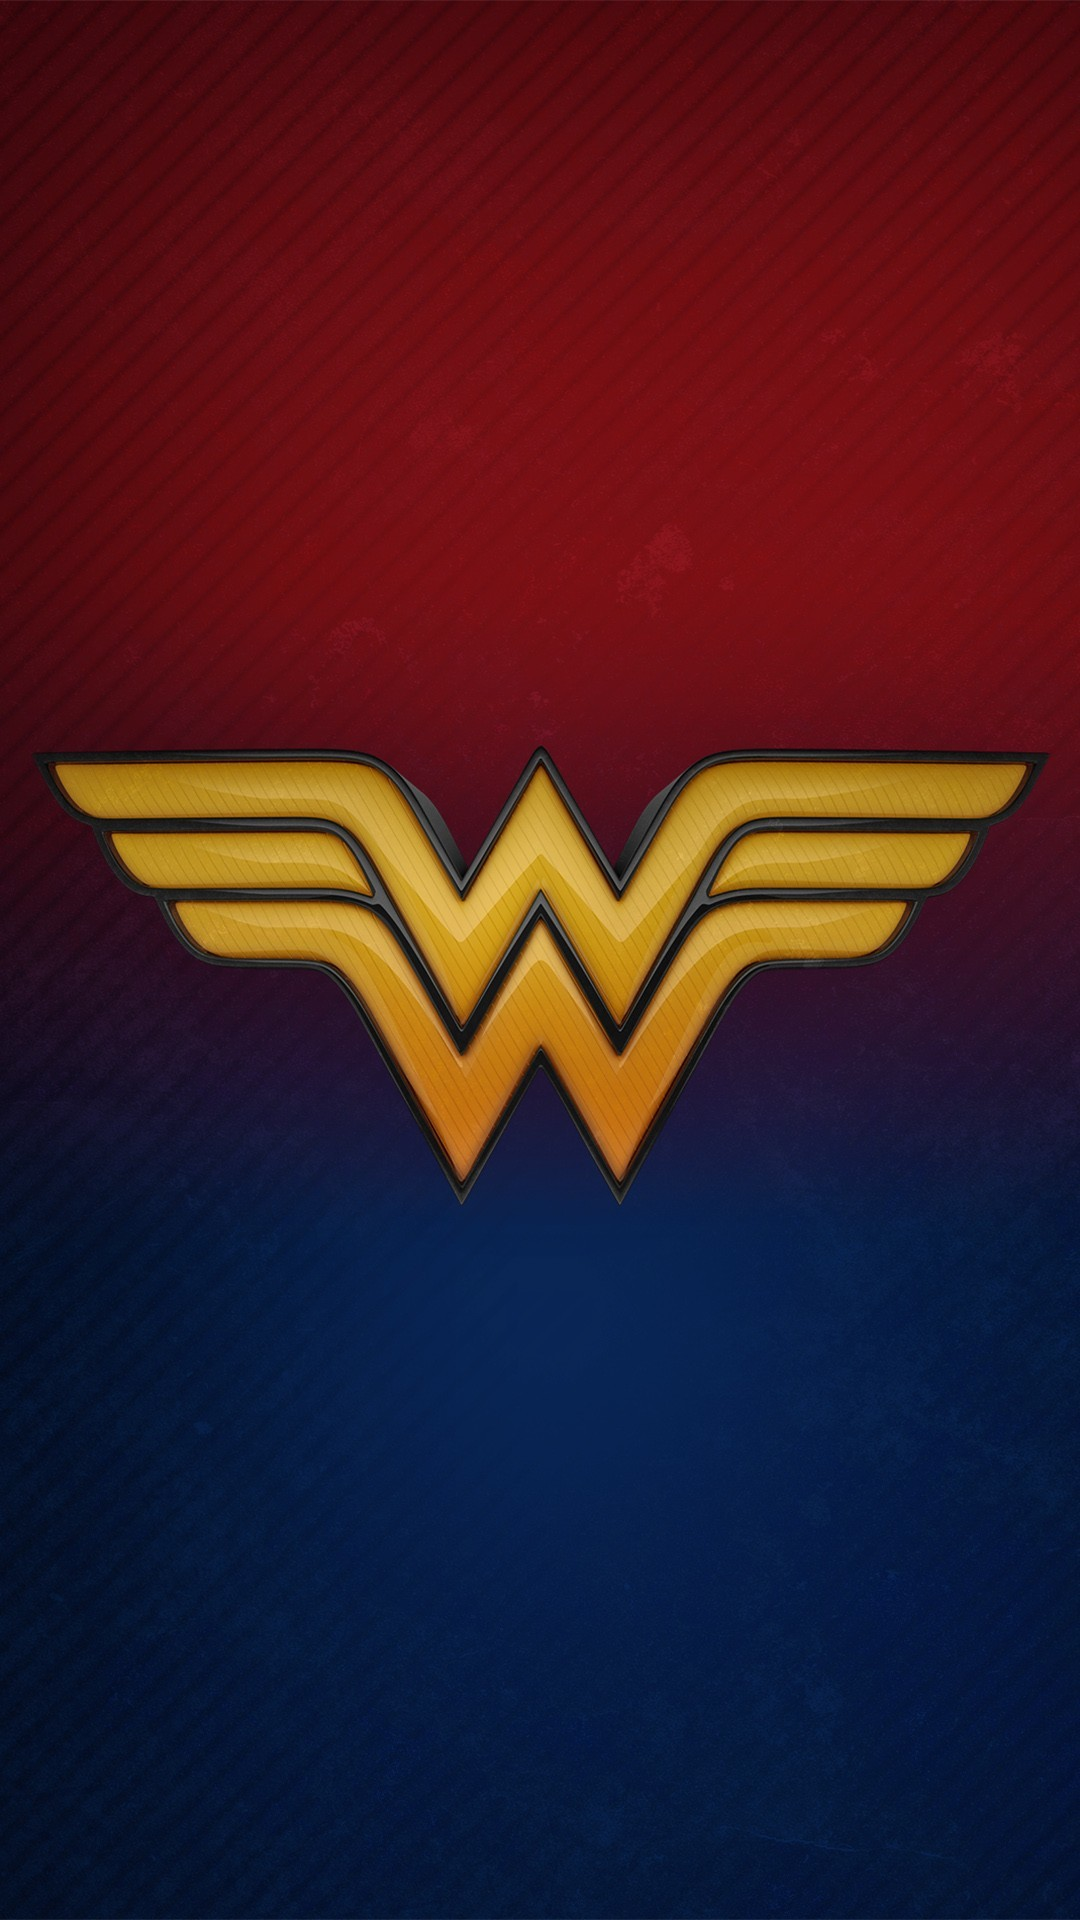 Free Wonder Woman 3D Logo phone wallpaper by tyrap95